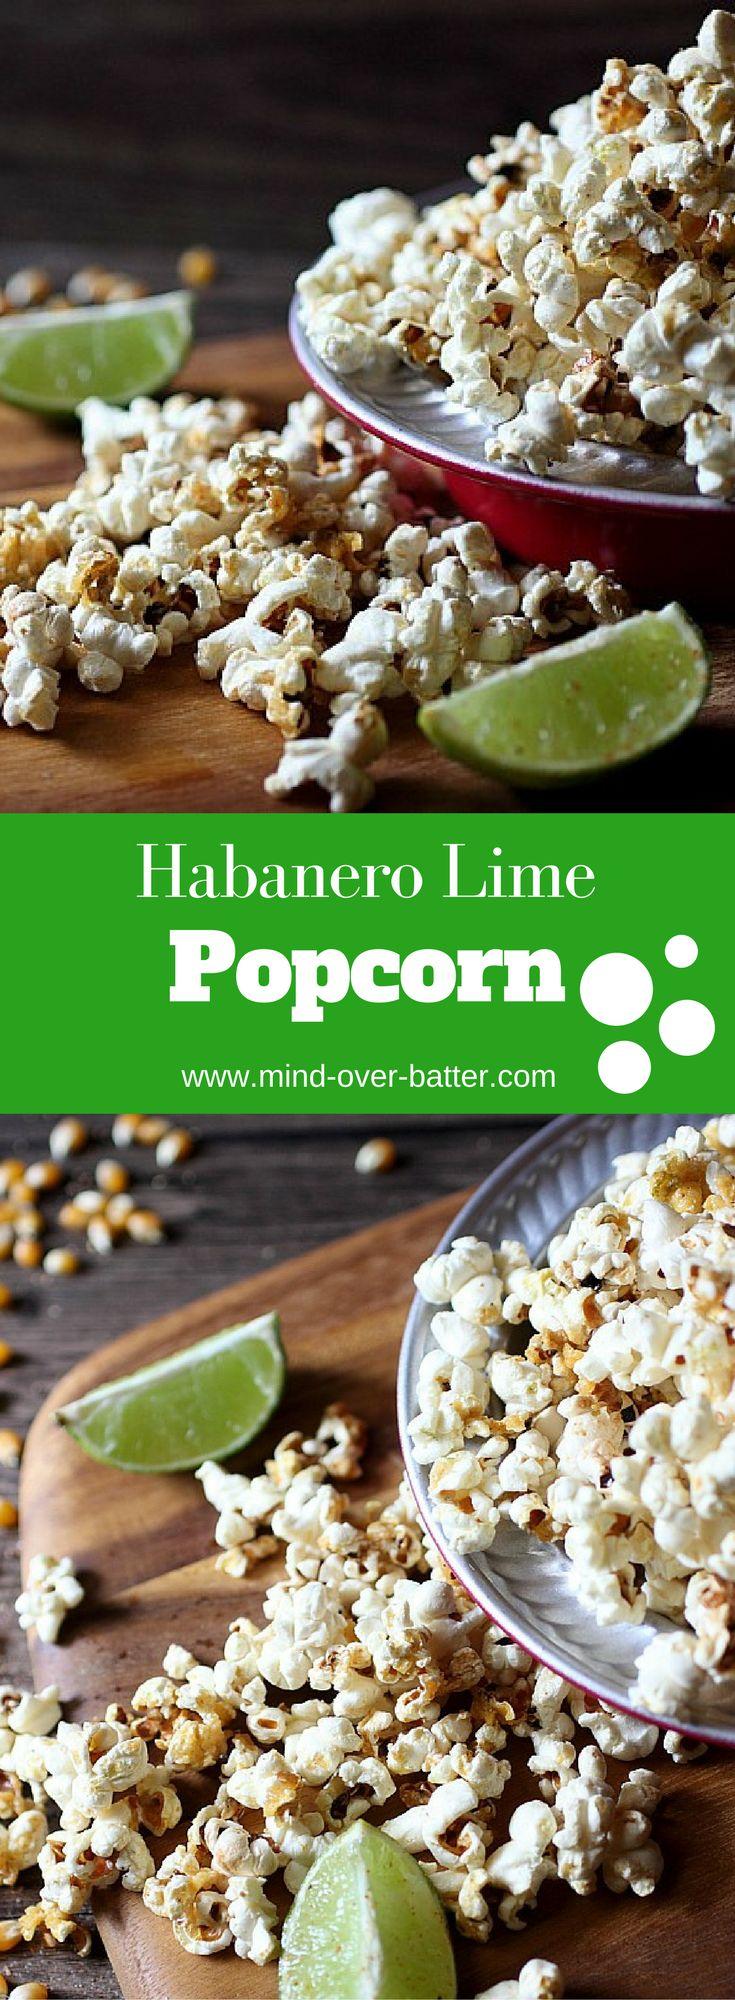 Habanero Lime Popcorn -- www.mind-over-batter.com